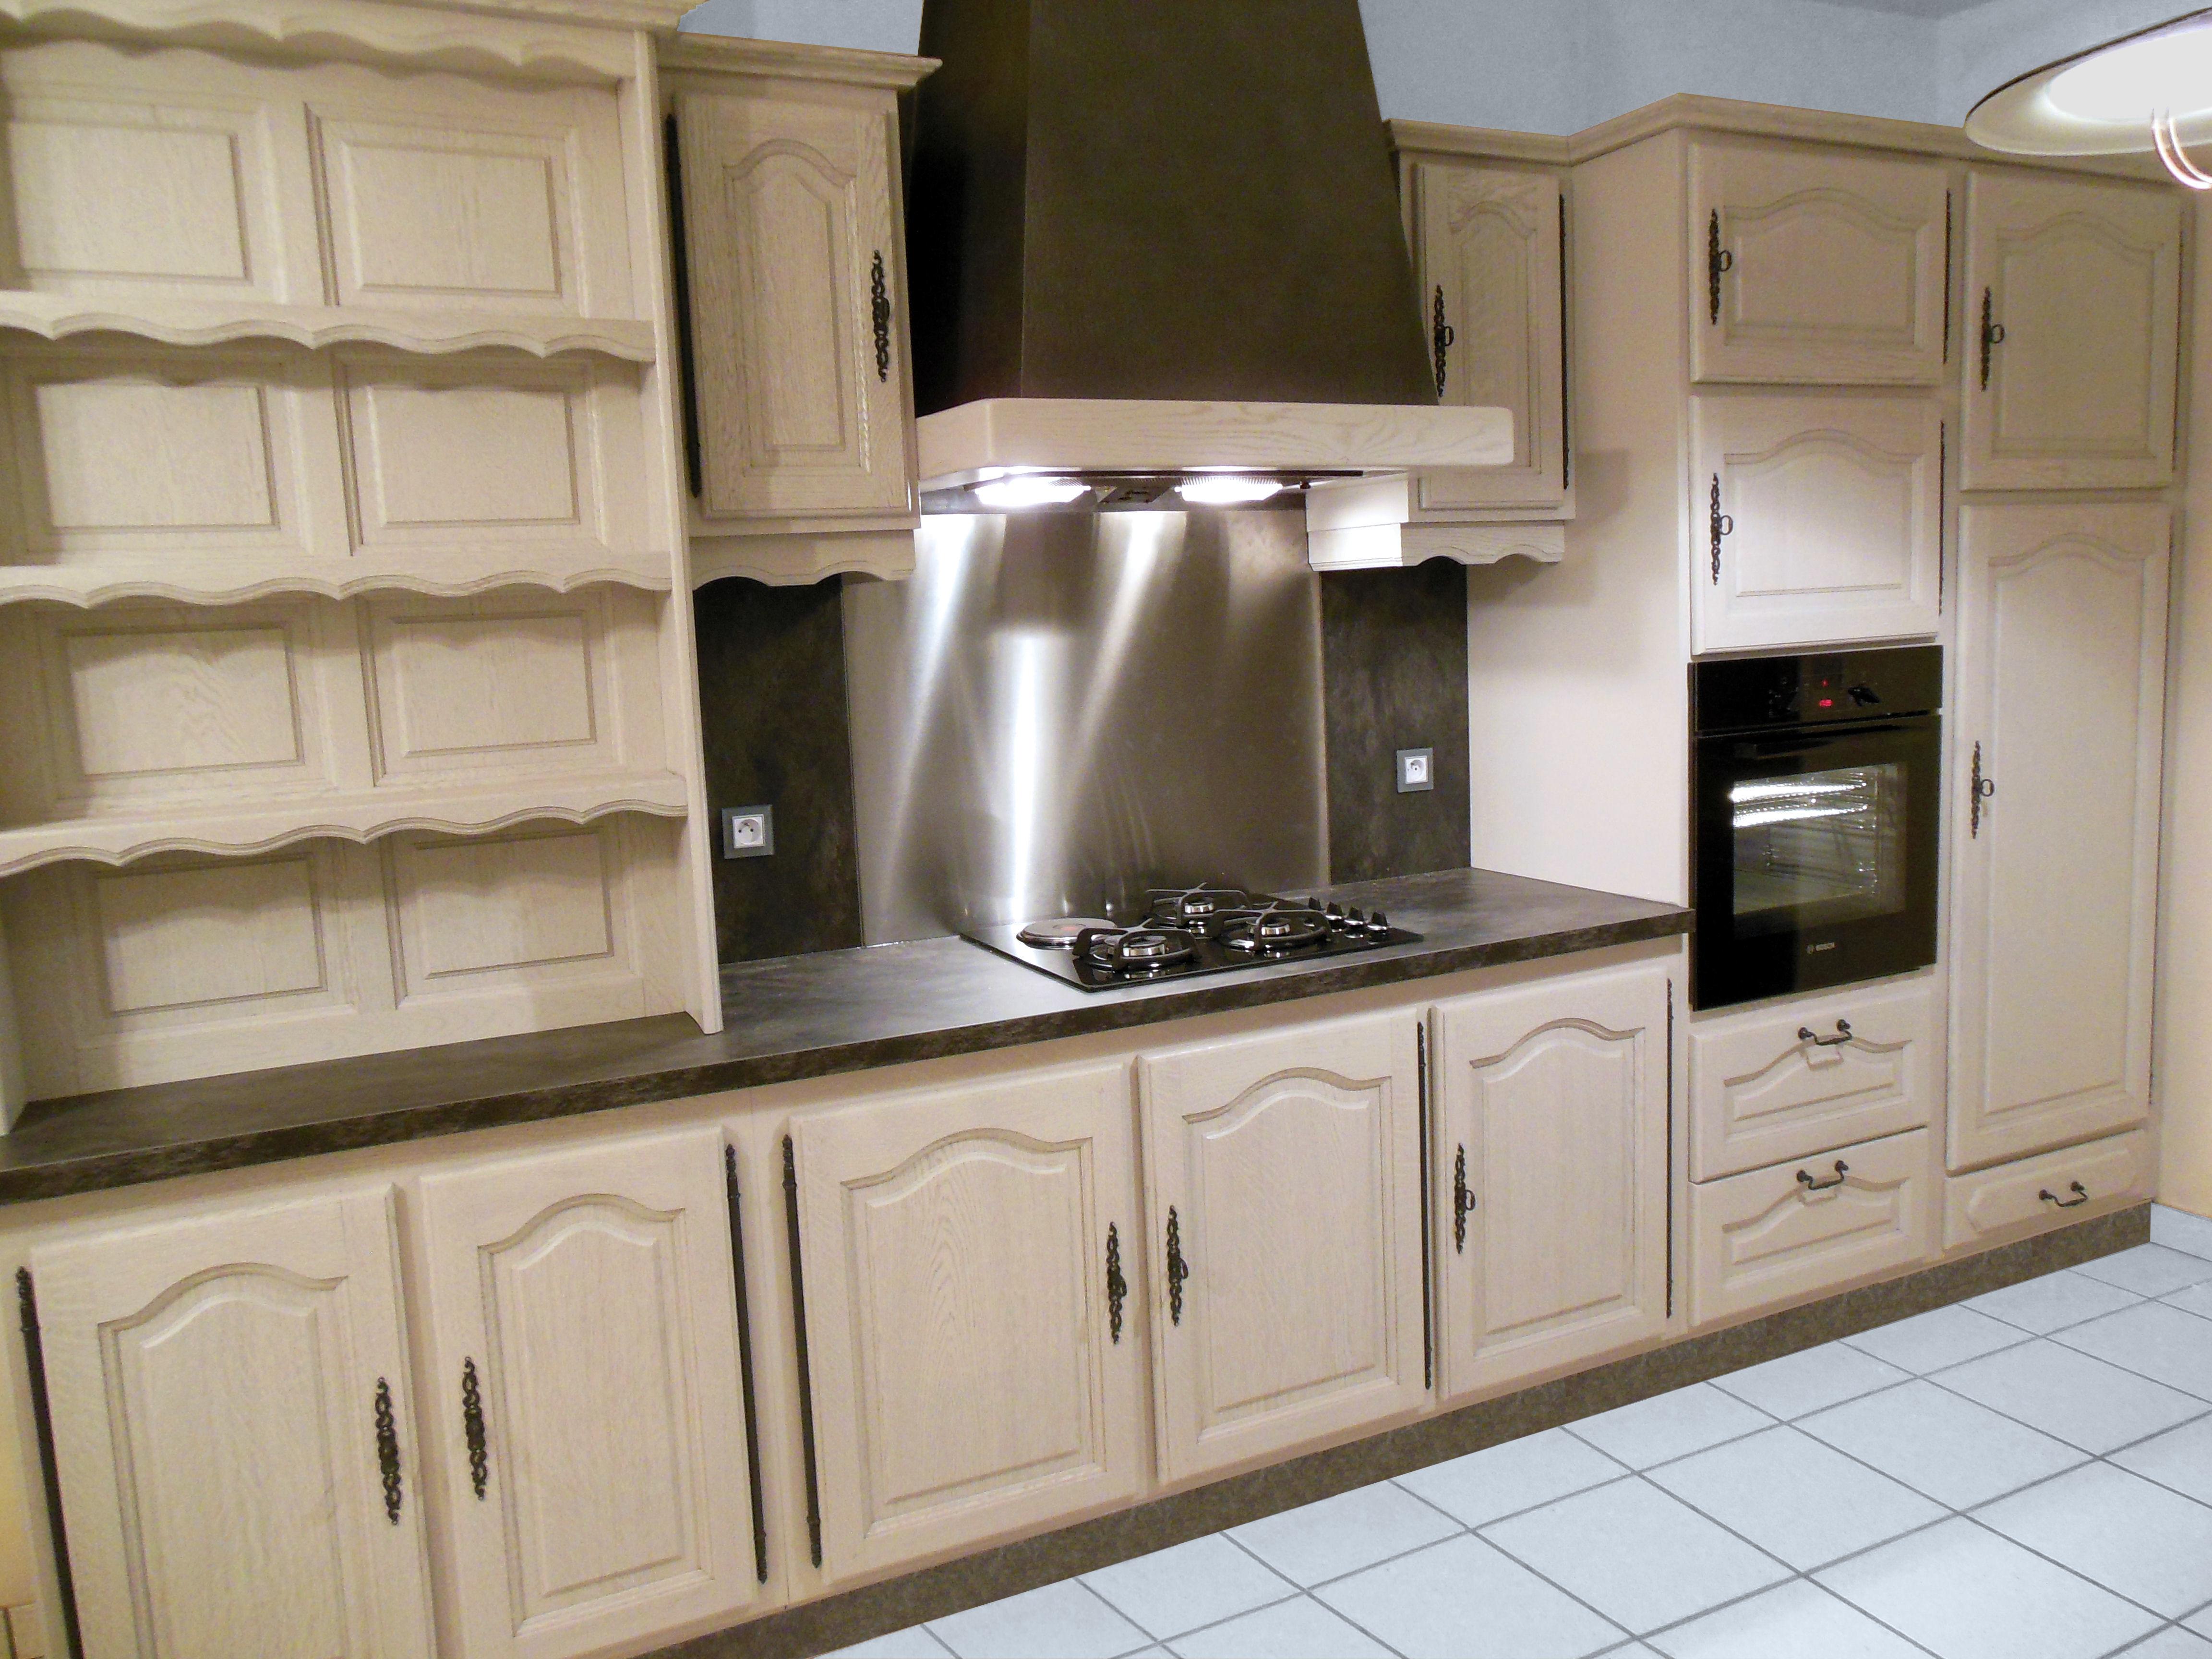 relooker ou relooking profesionnel de votre cuiisne avec. Black Bedroom Furniture Sets. Home Design Ideas